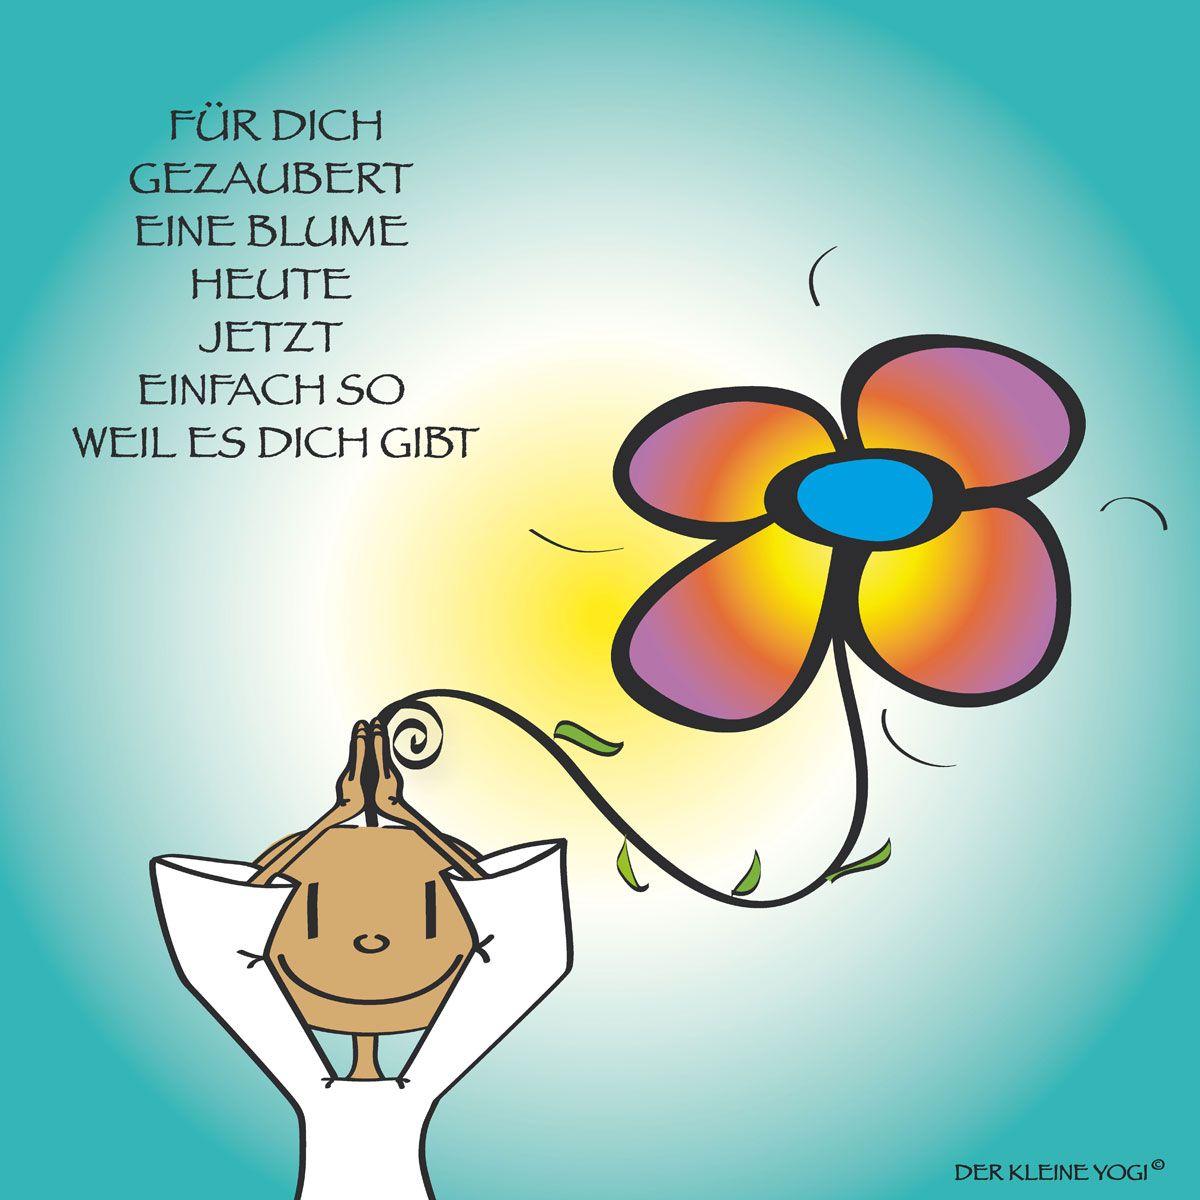 Der Kleine Yogi Postkarte Zum Geburtstag Wunsch Ich Dir